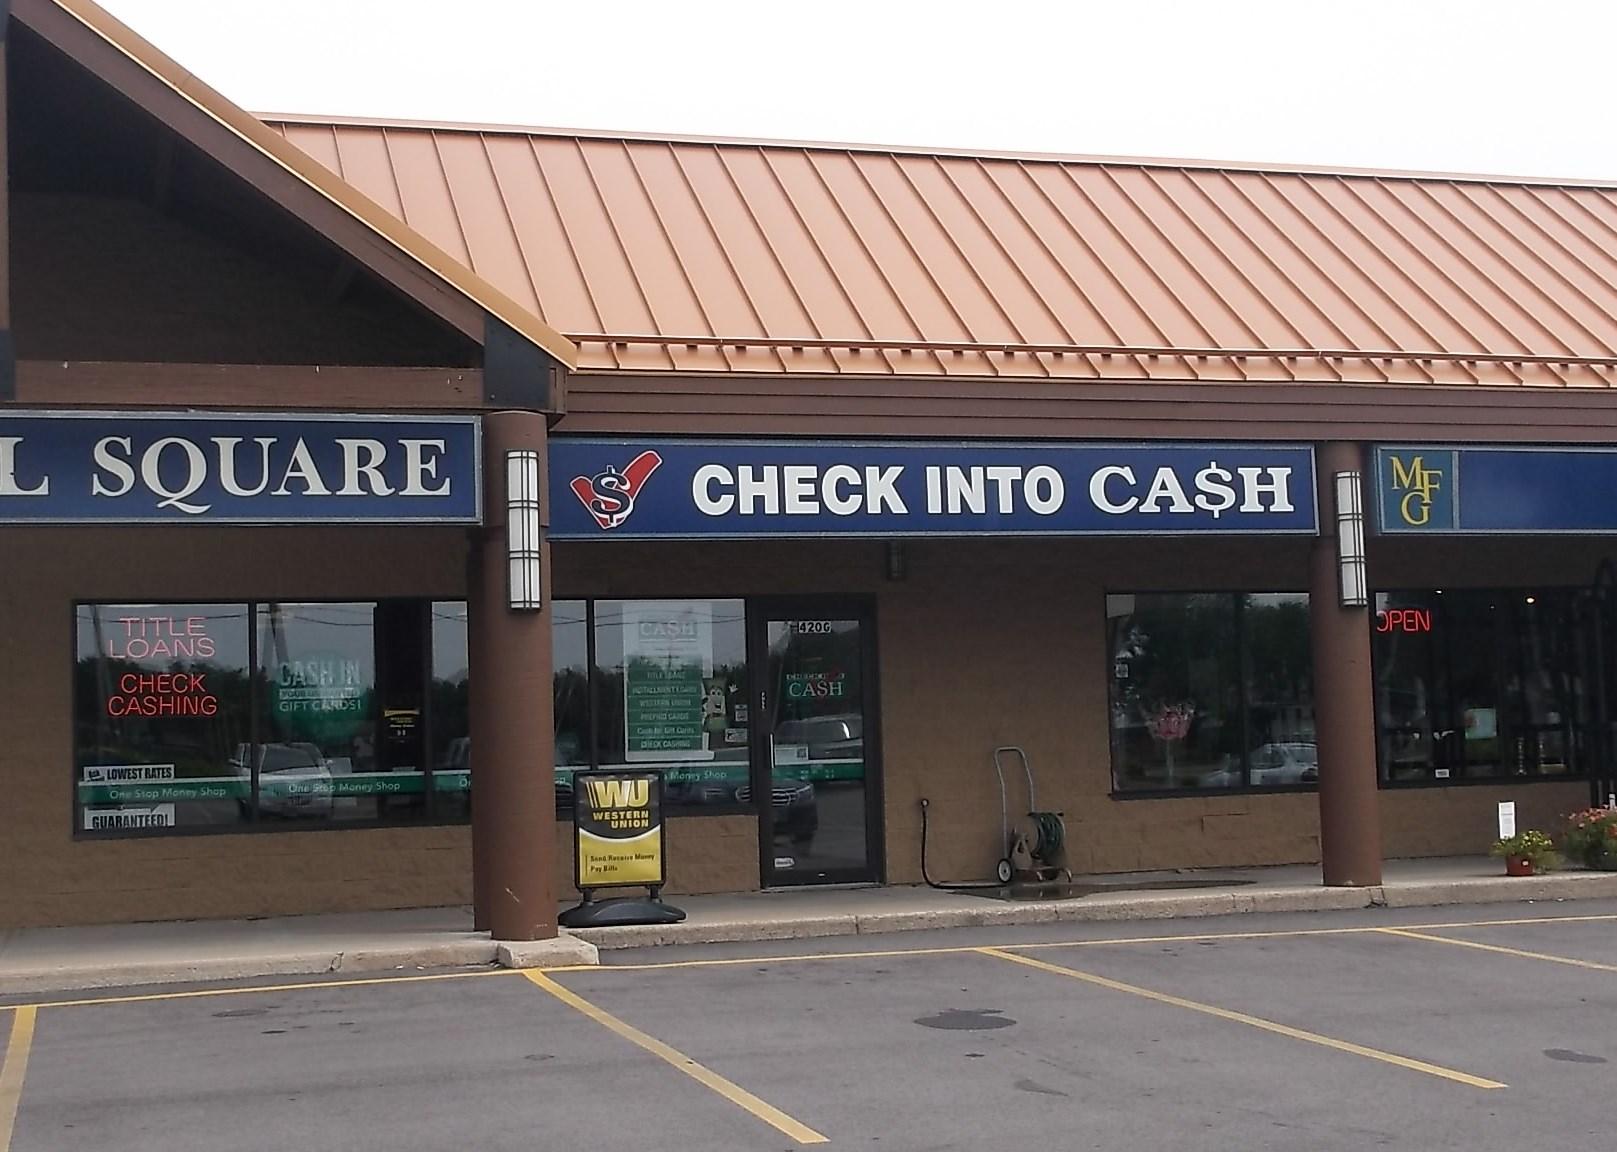 Cash loans 77015 image 5